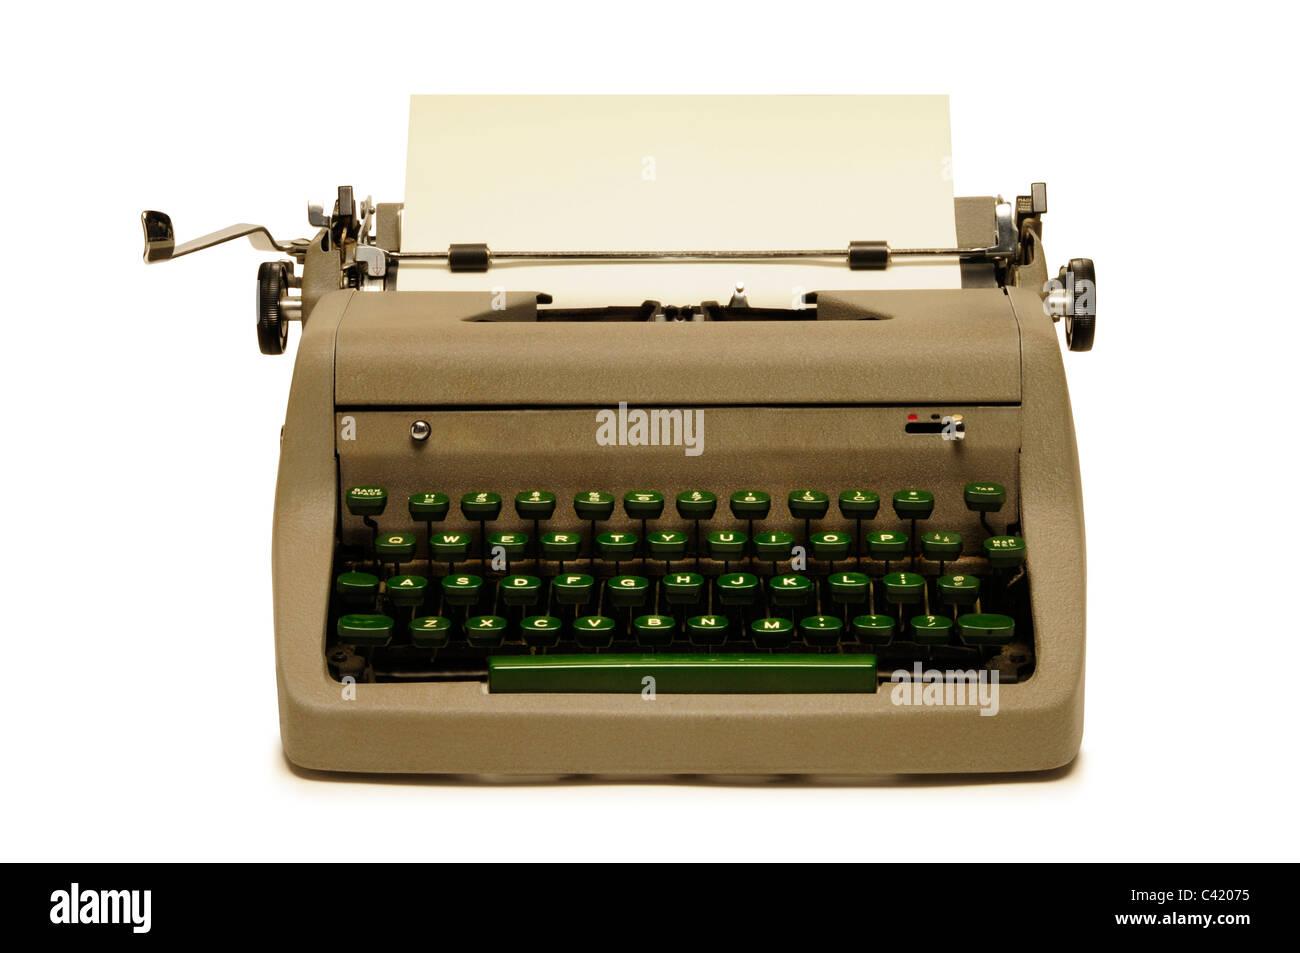 Jahrgang der 1950er Jahre Reiseschreibmaschine auf weißem Hintergrund Stockbild